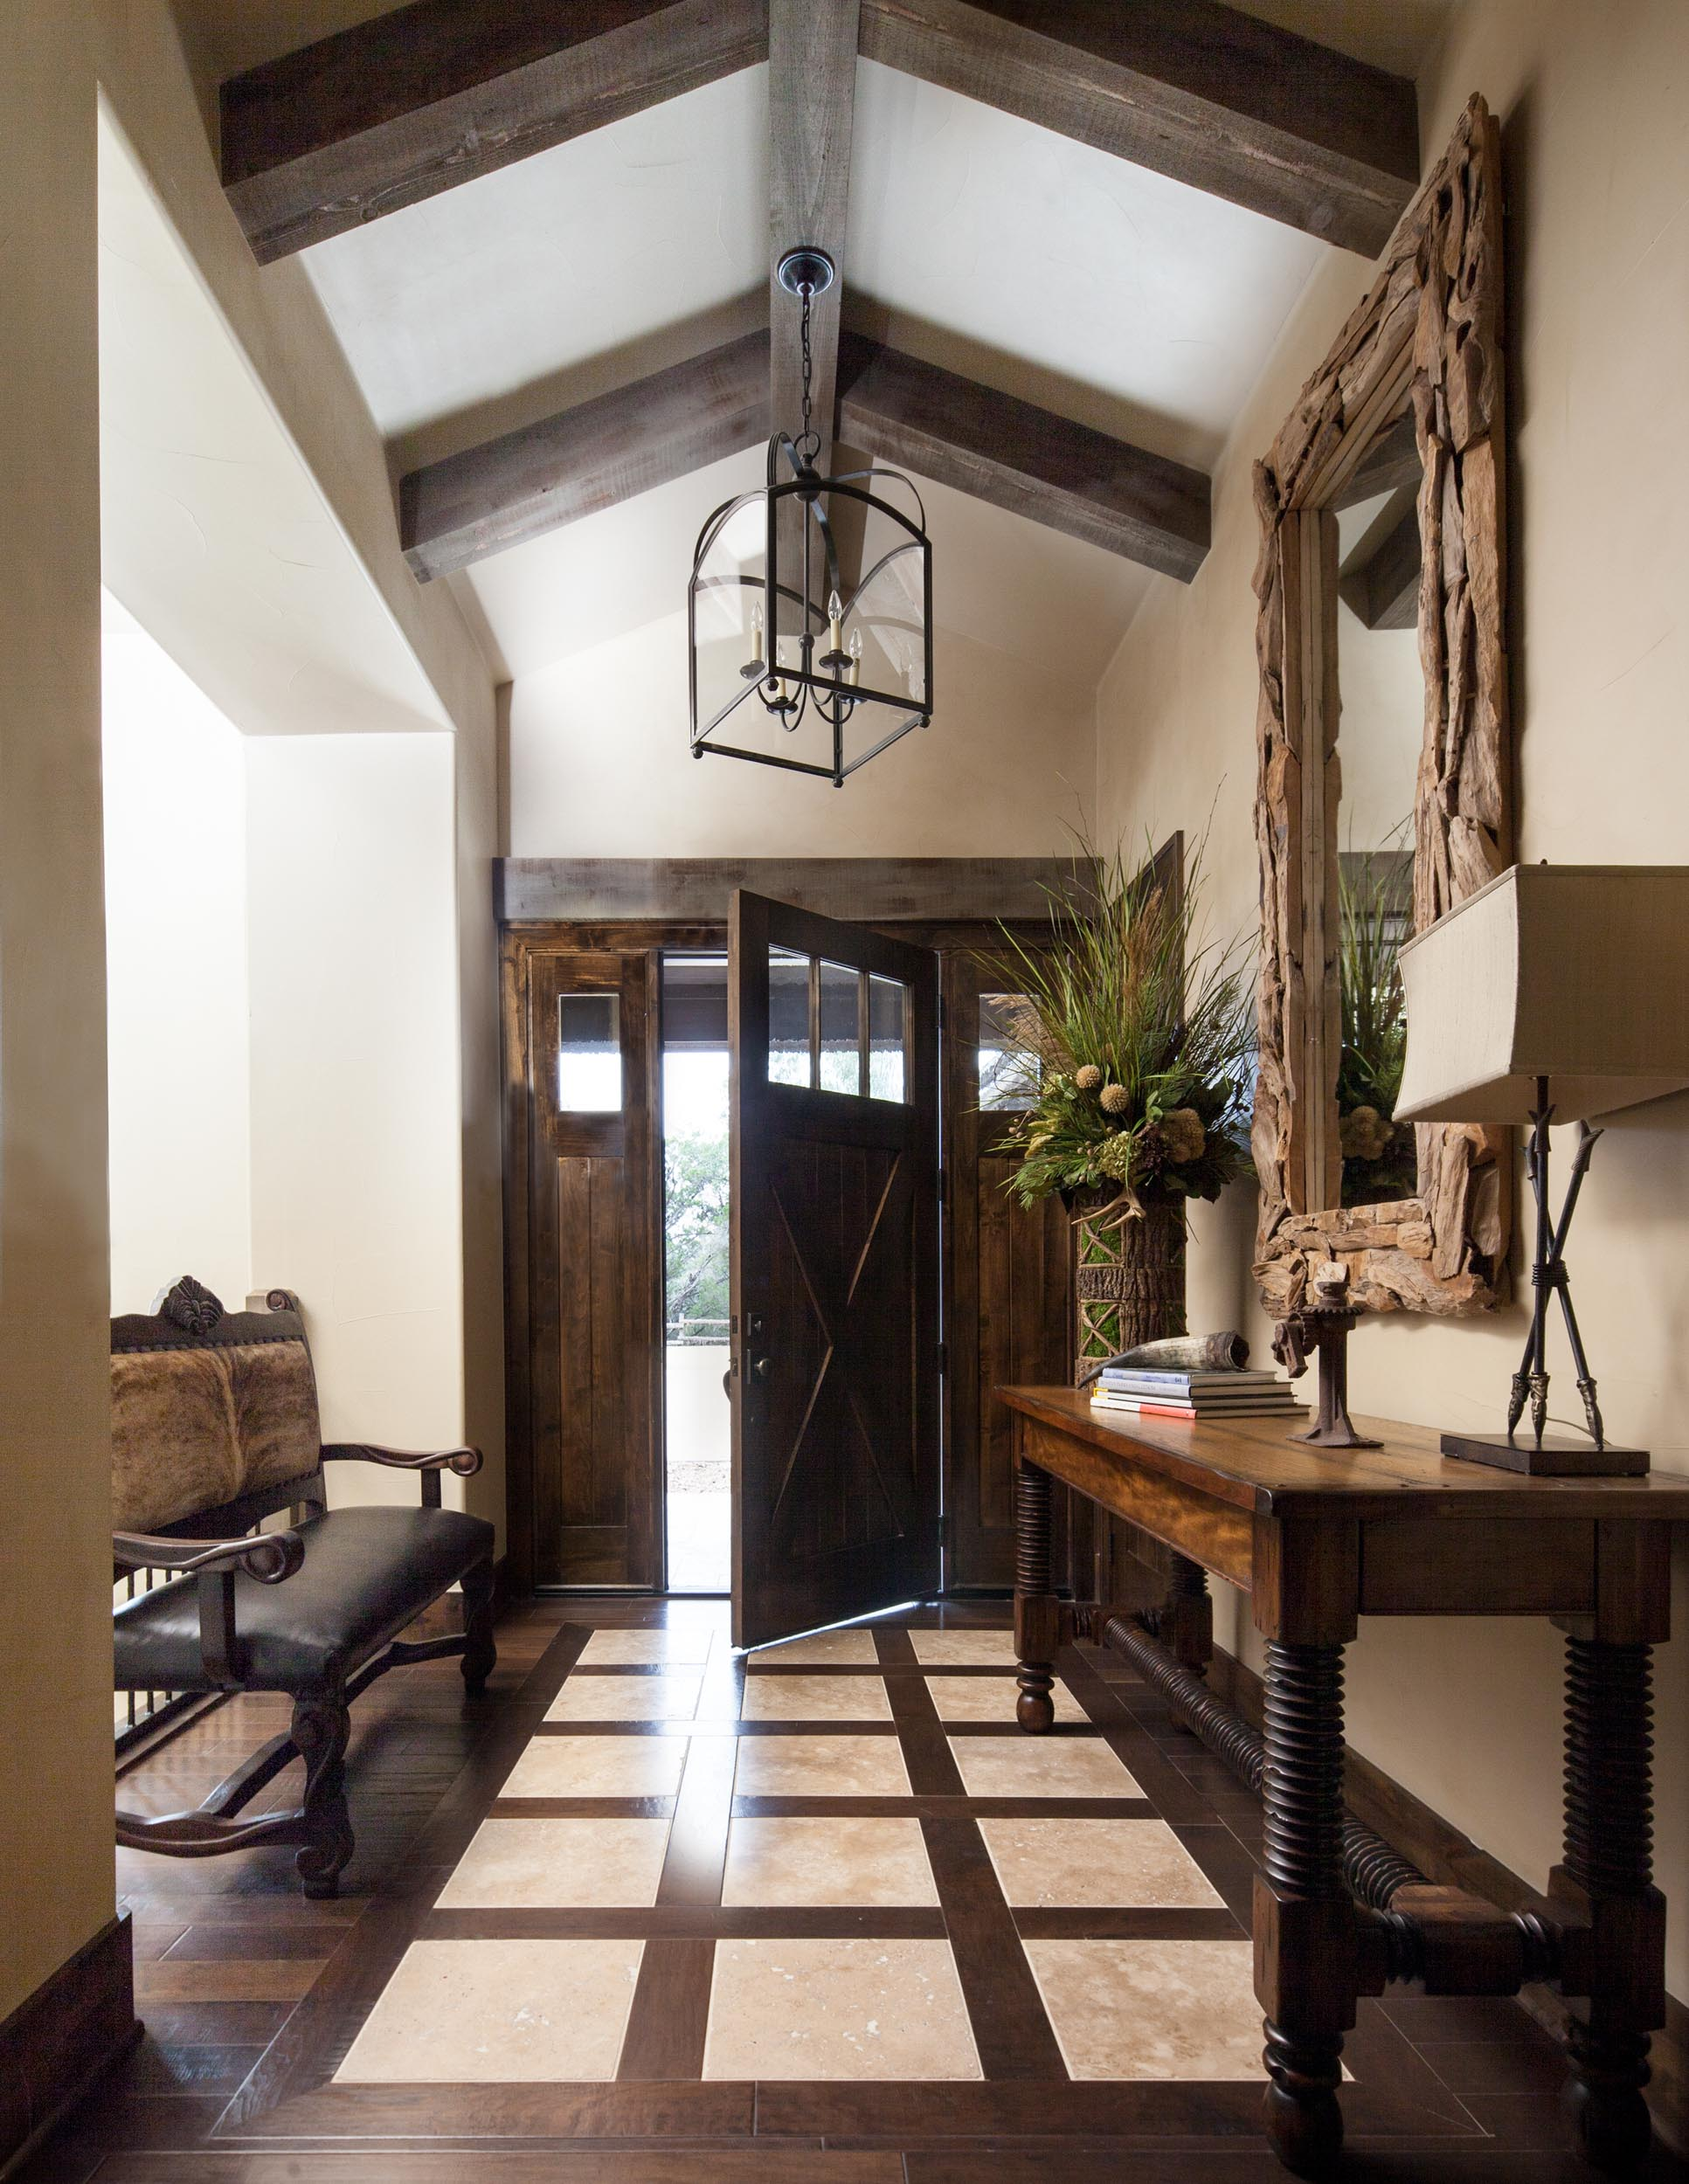 austin-house-front-hallway-interior-design.jpg